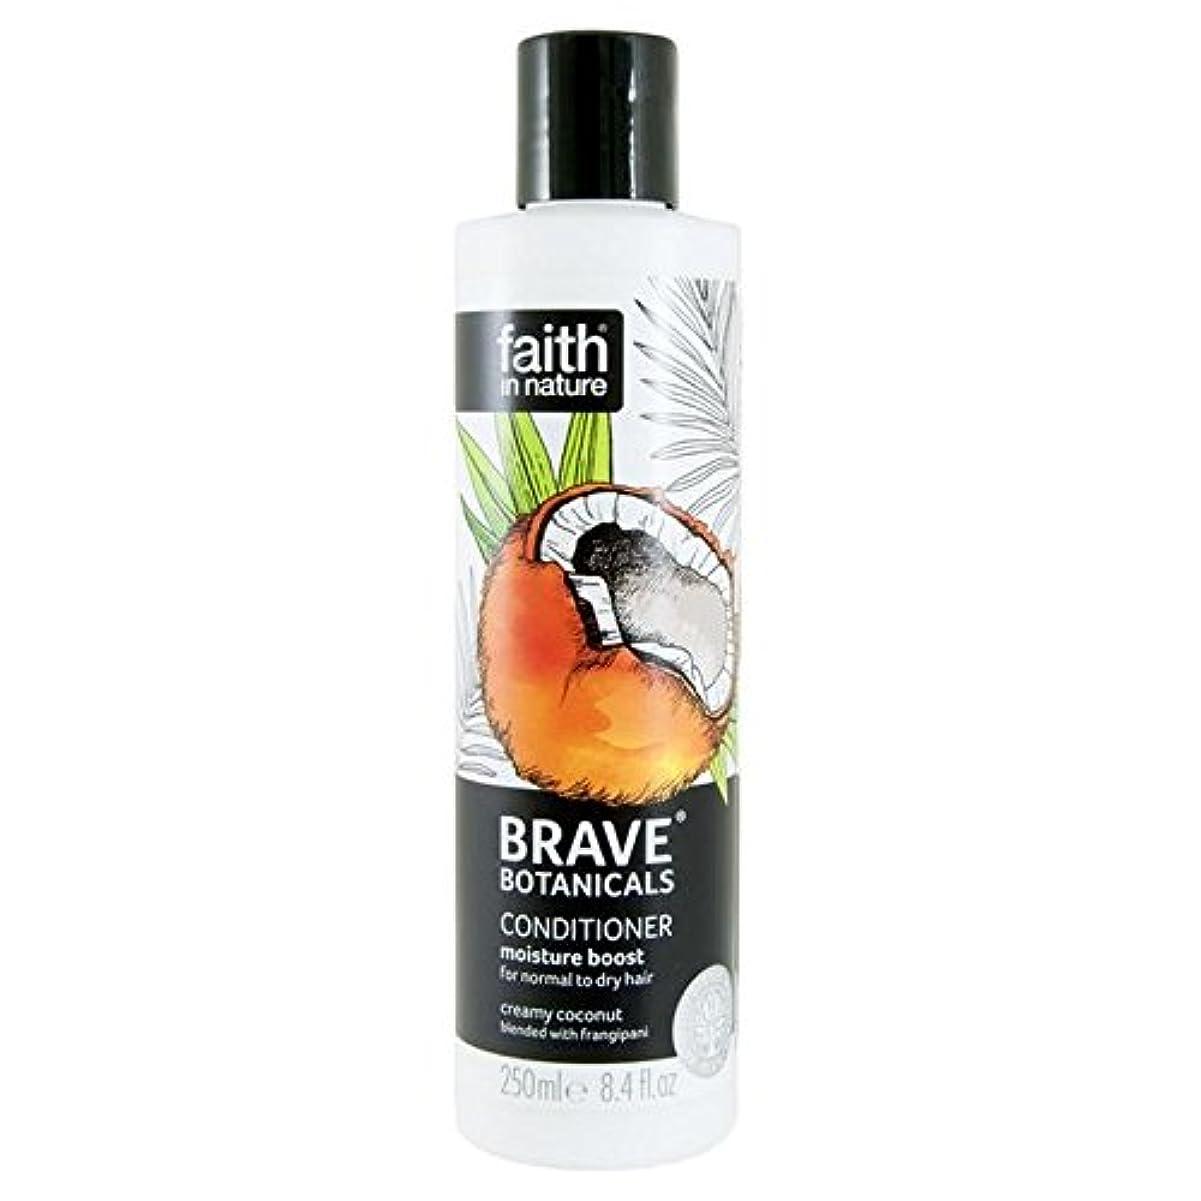 受粉者代理人勧告Brave Botanicals Coconut & Frangipani Moisture Boost Conditioner 250ml (Pack of 2) - (Faith In Nature) 勇敢な植物ココナッツ...